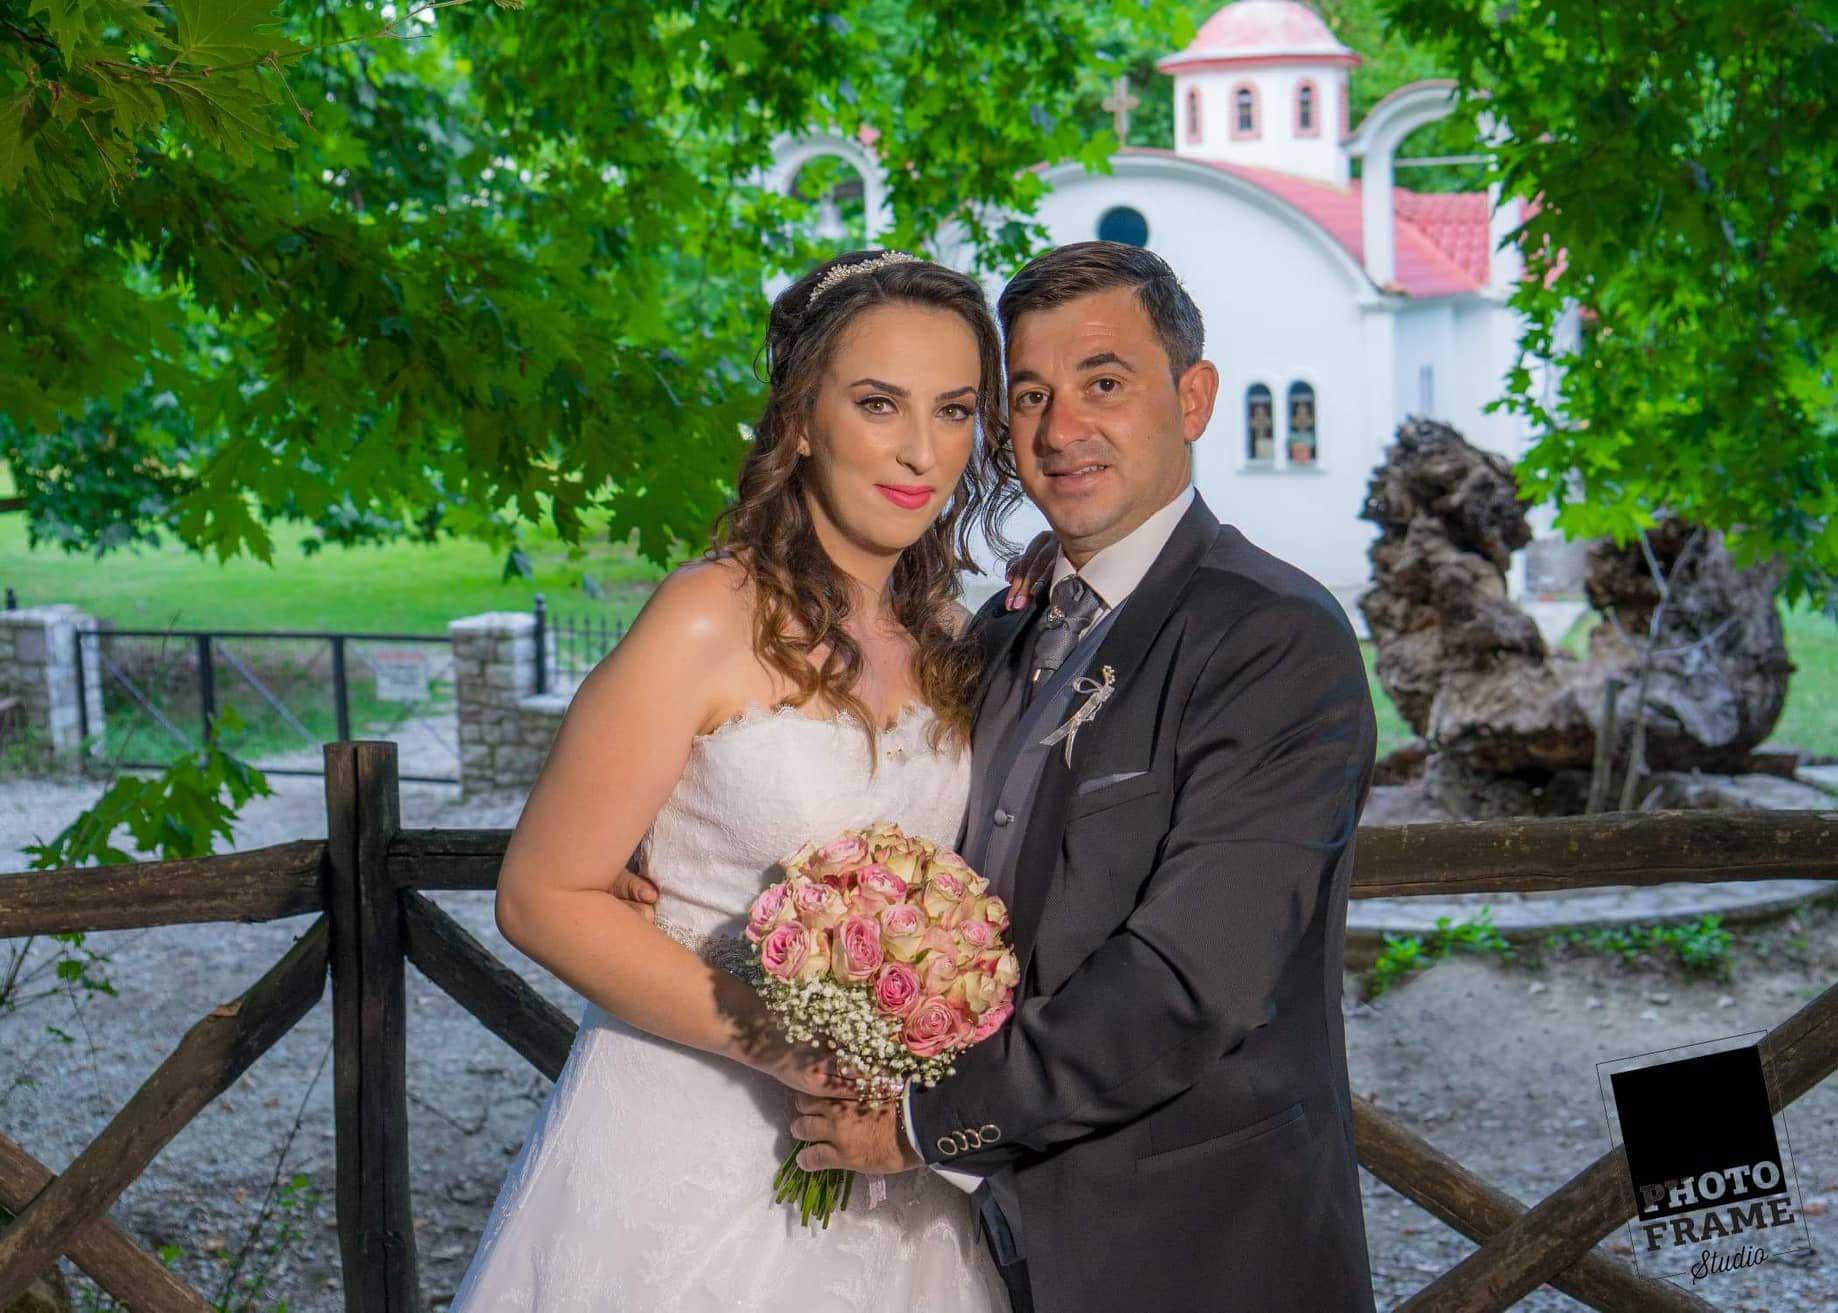 Ένας υπέροχος γάμος στη Χρυσομηλιά Καλαμπάκας